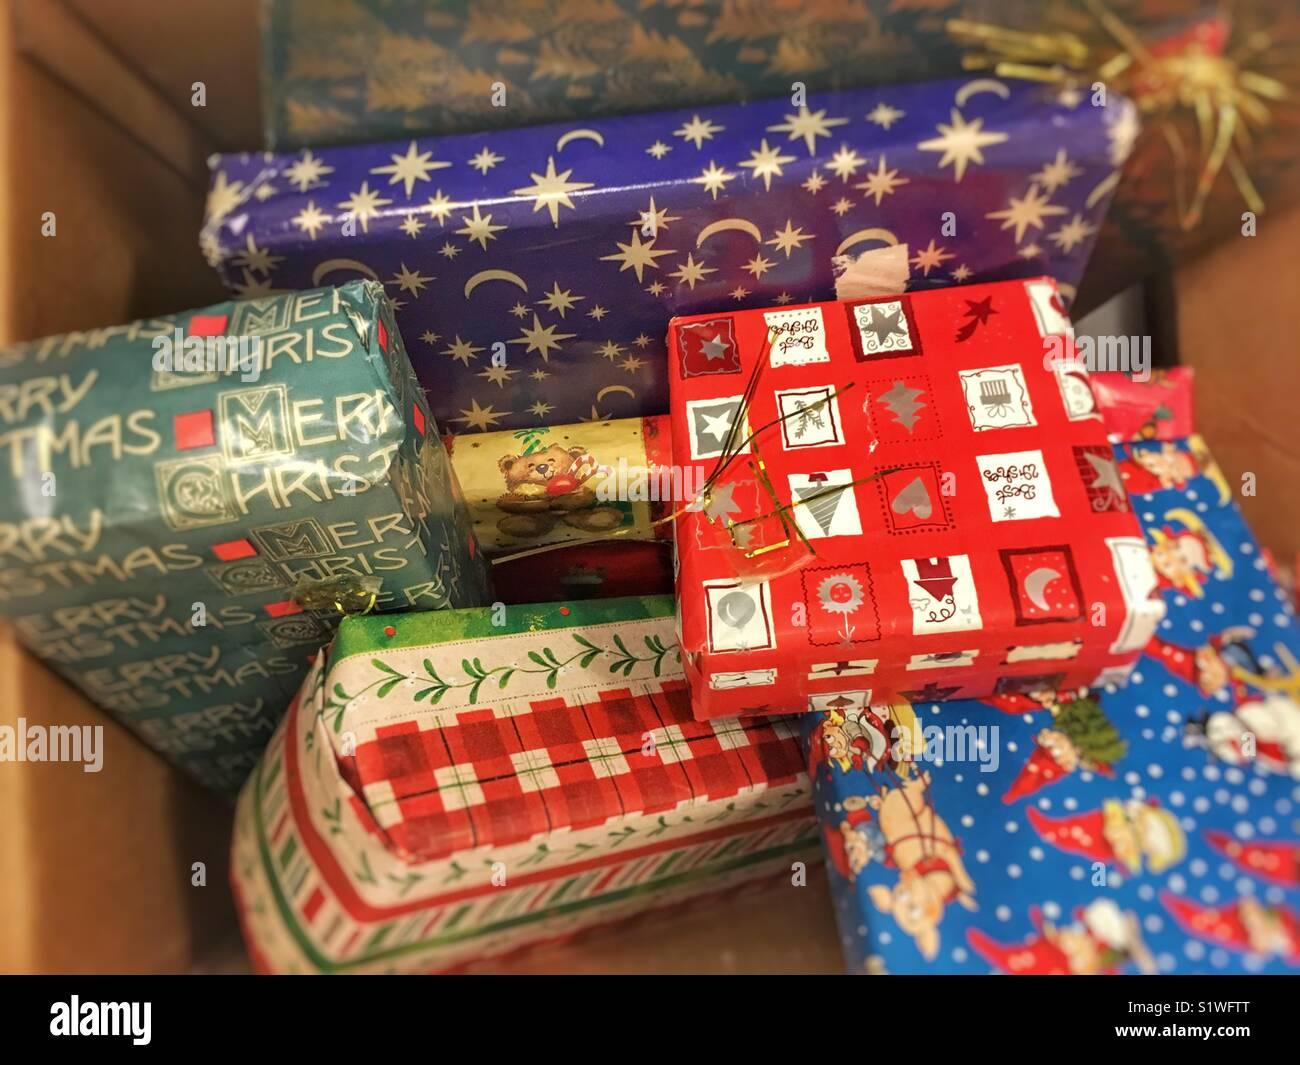 Stash of Christmas gifts. - Stock Image